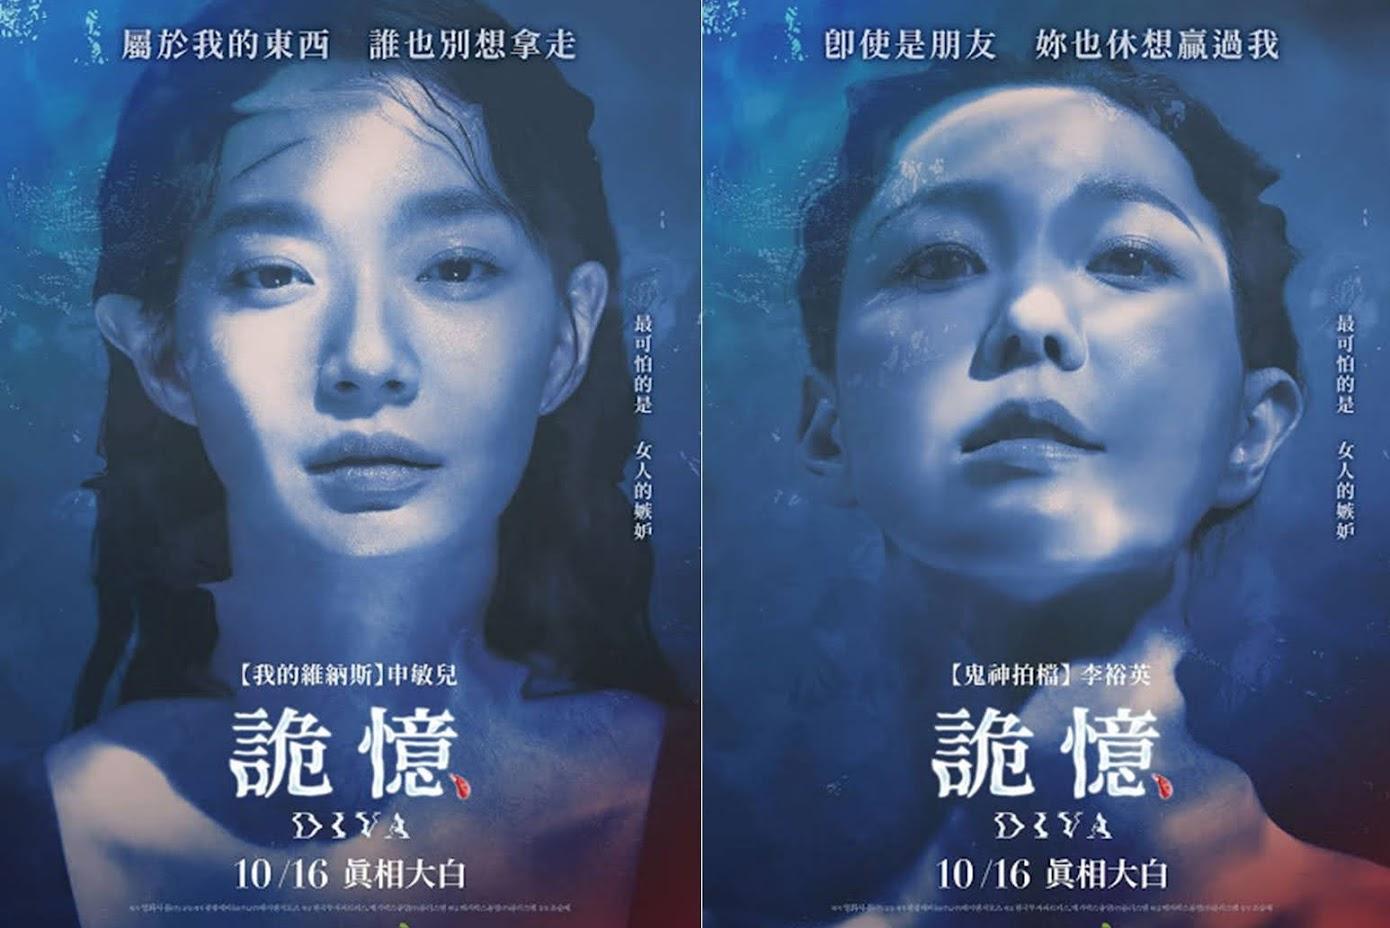 韓國驚悚電影《 詭憶 》介紹–當至交姐妹是妳永遠贏不過的勝利者  「友情」的舞台上誰比誰會演?